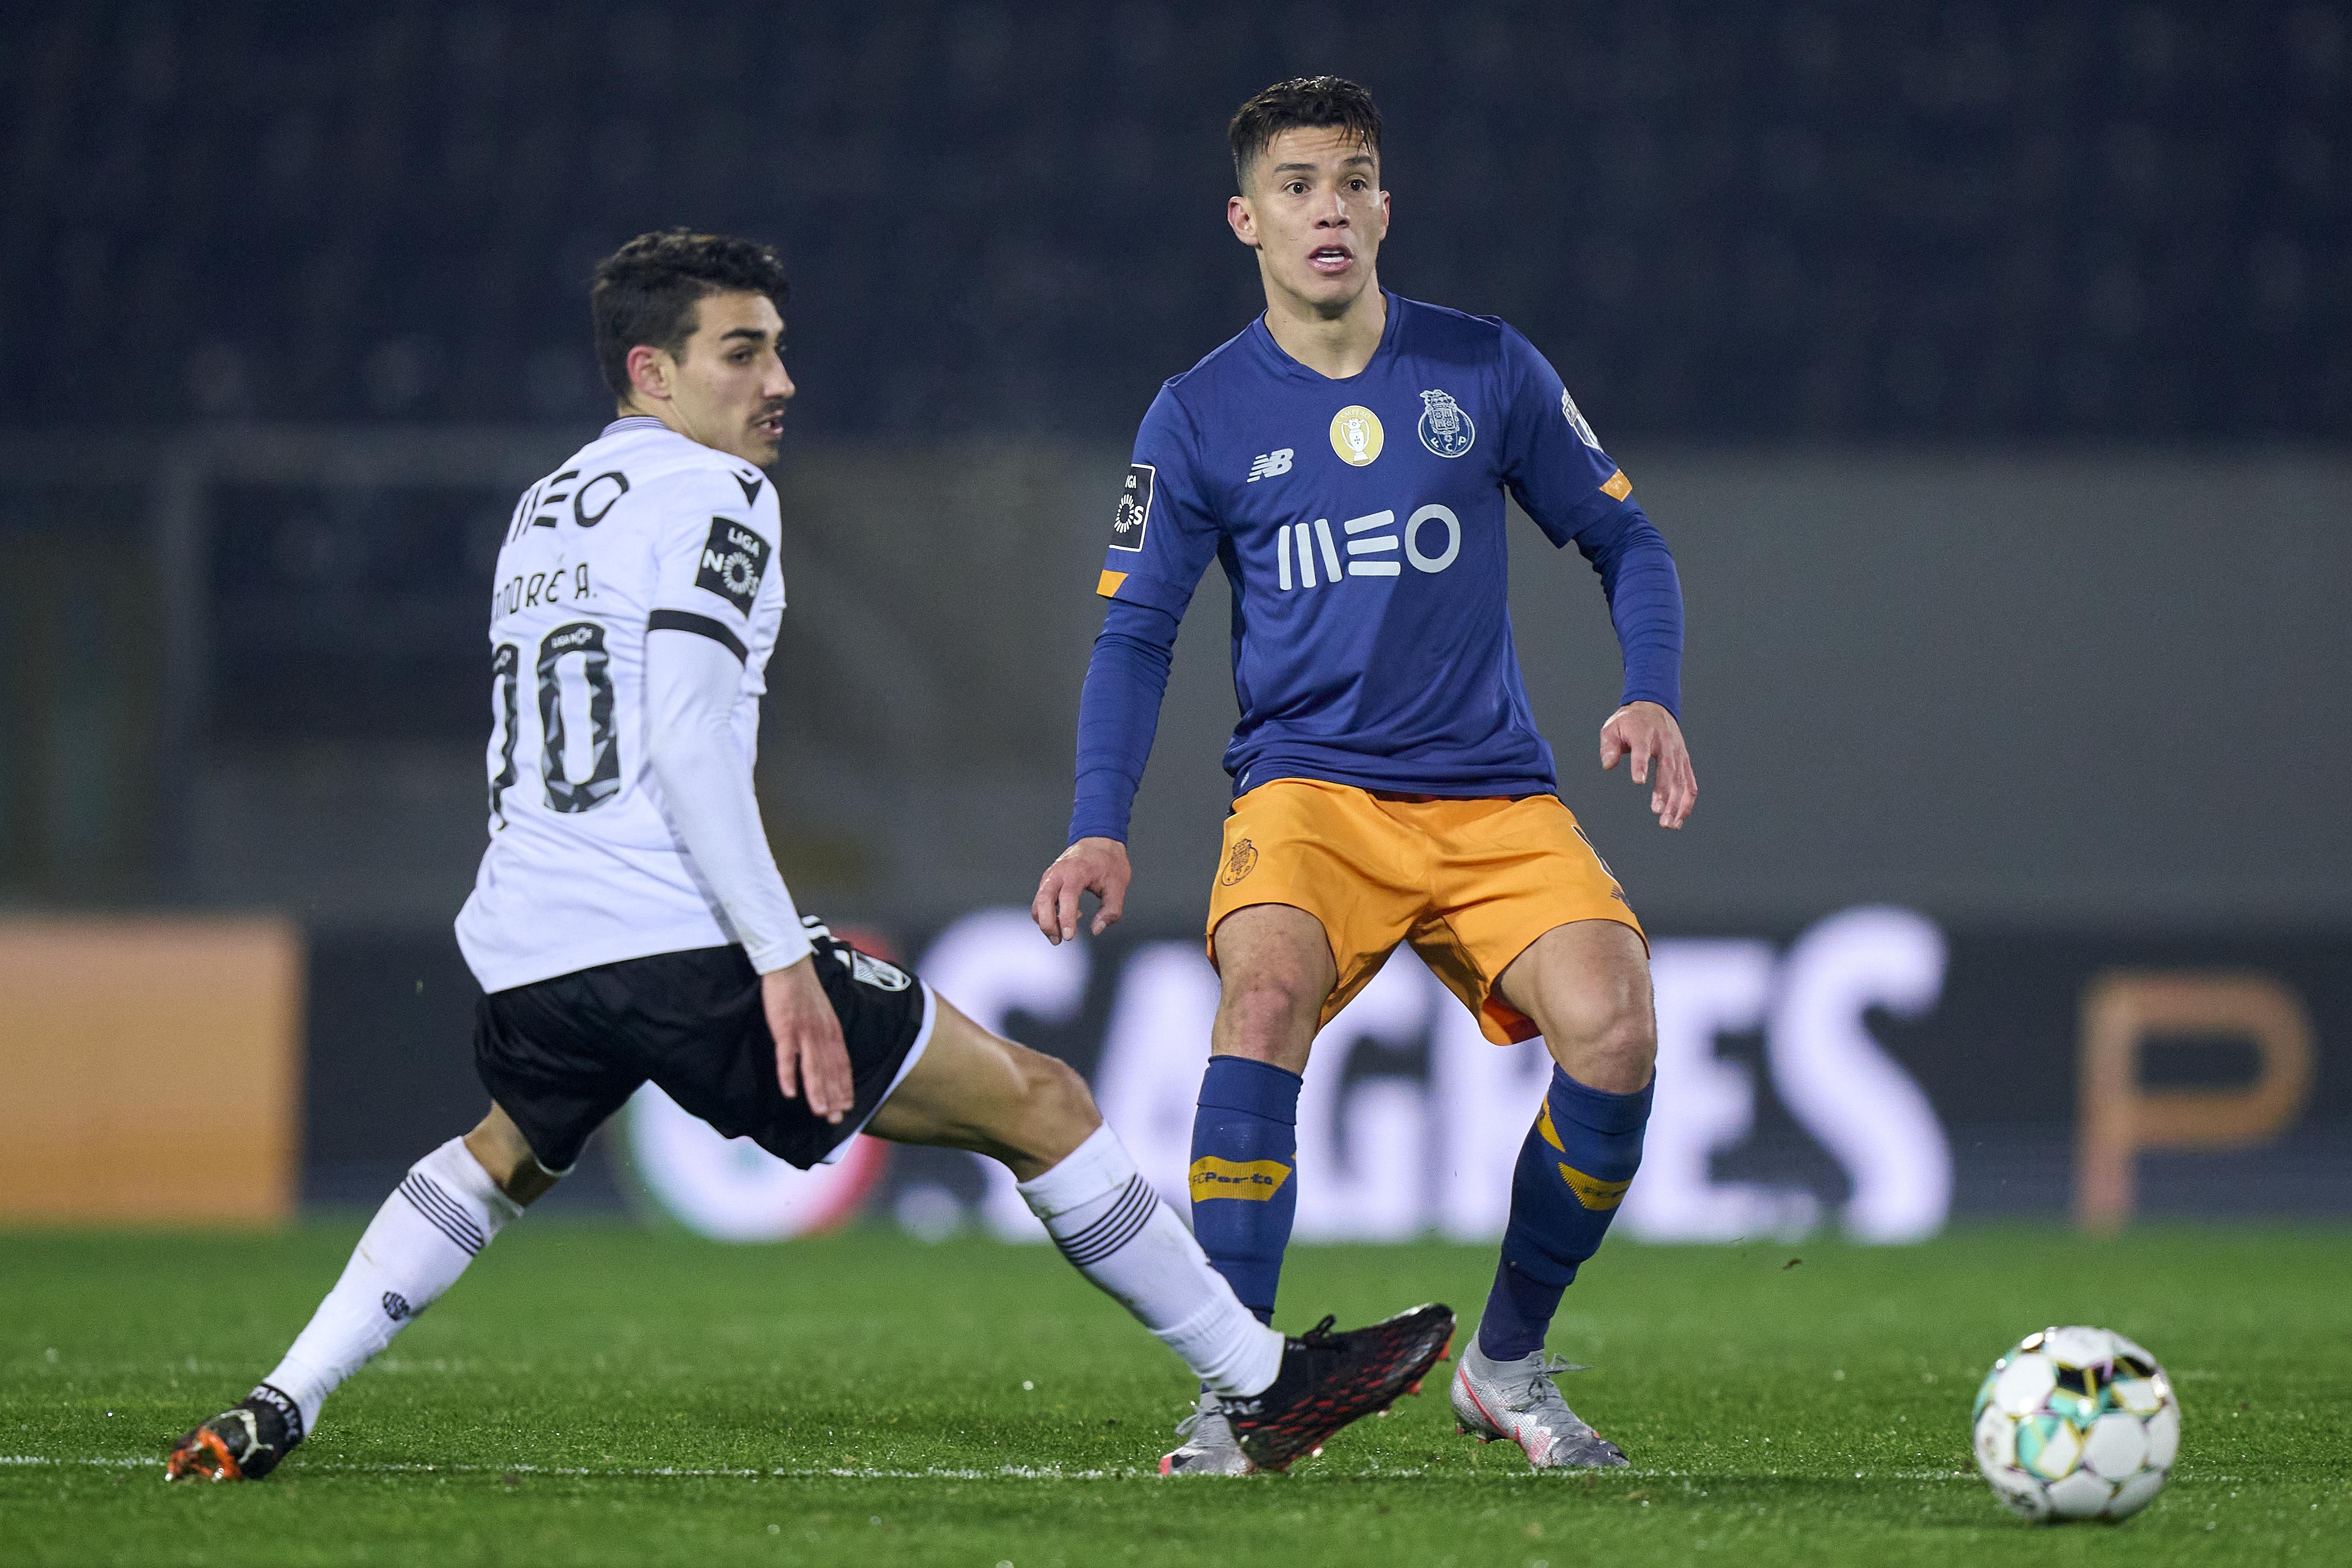 Vitoria Guimaraes SC v FC Porto - Liga NOS